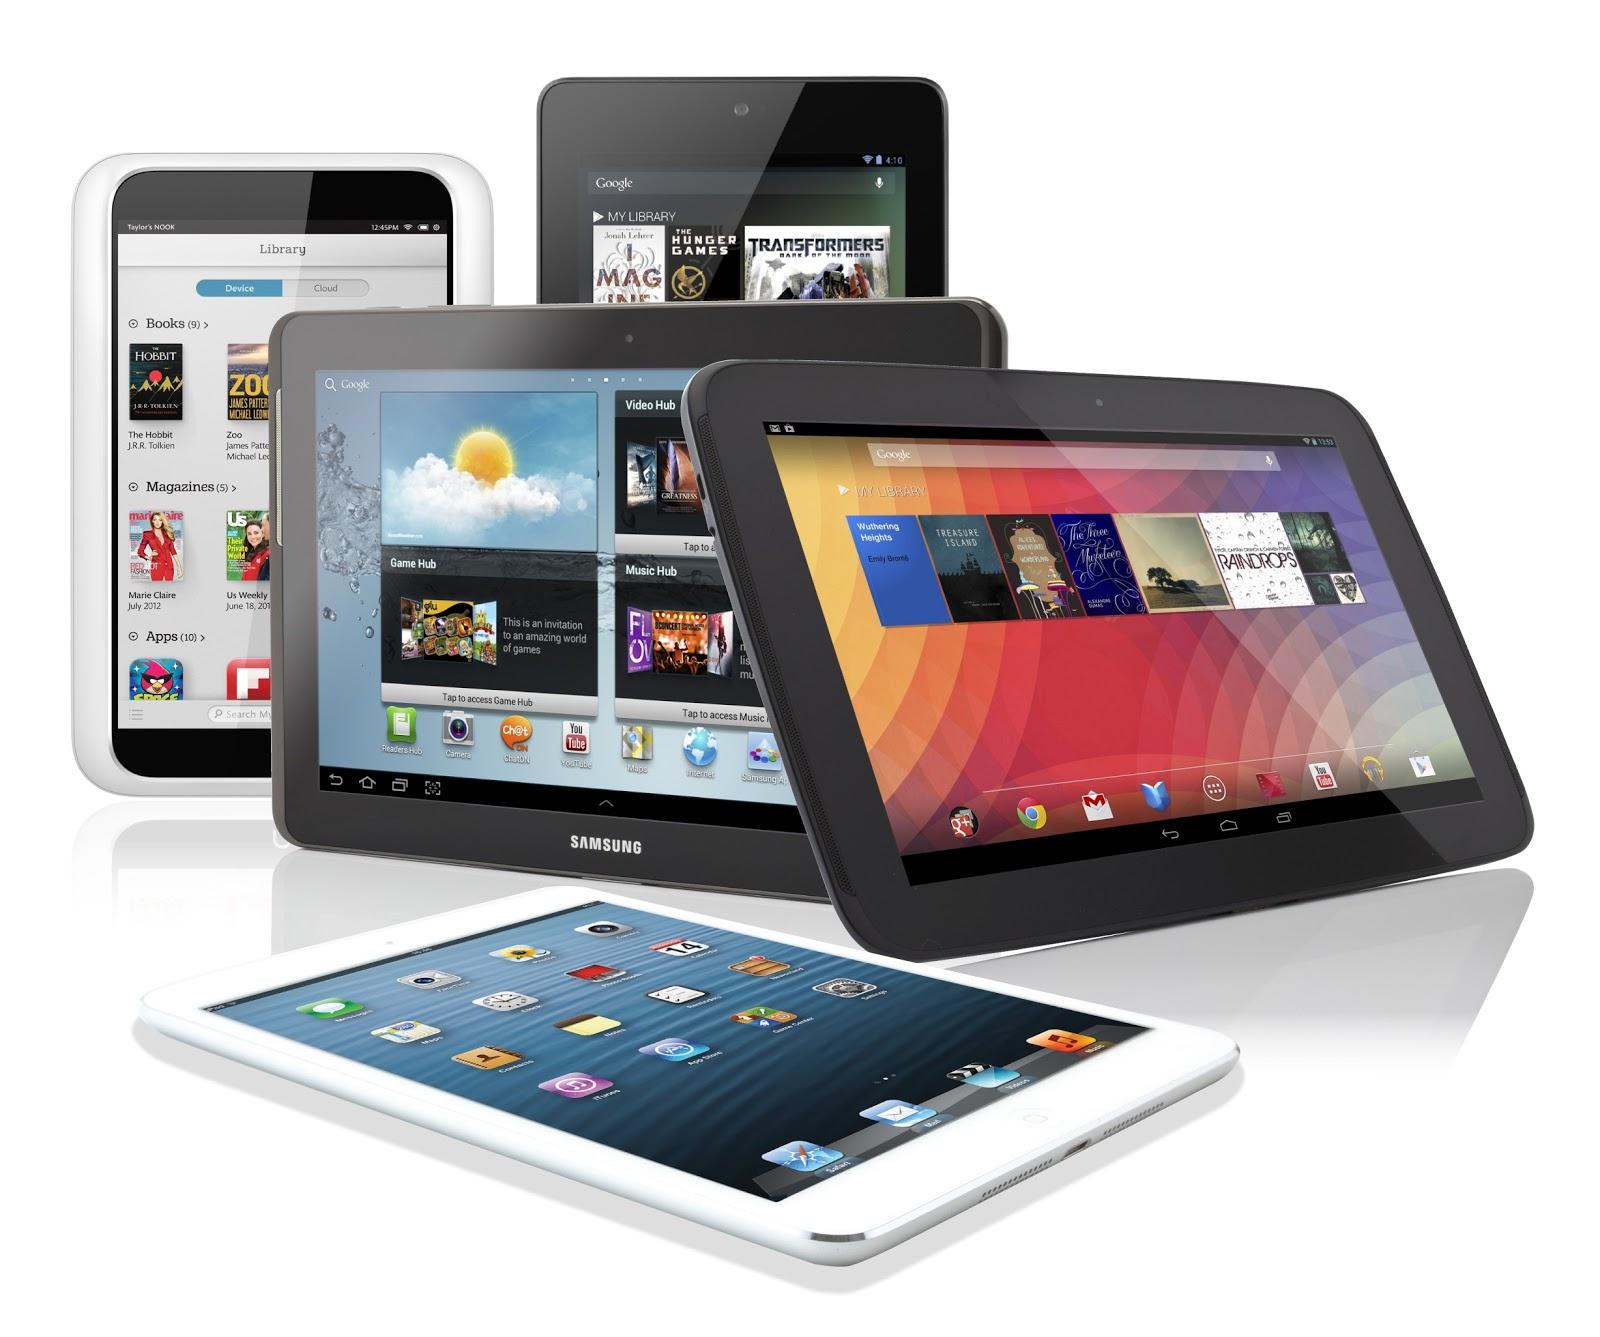 http://4.bp.blogspot.com/-s7n8BDk6LfI/UT3mtnikBsI/AAAAAAAACQI/VNgR24rLRnc/s1600/Best_tablets.jpg